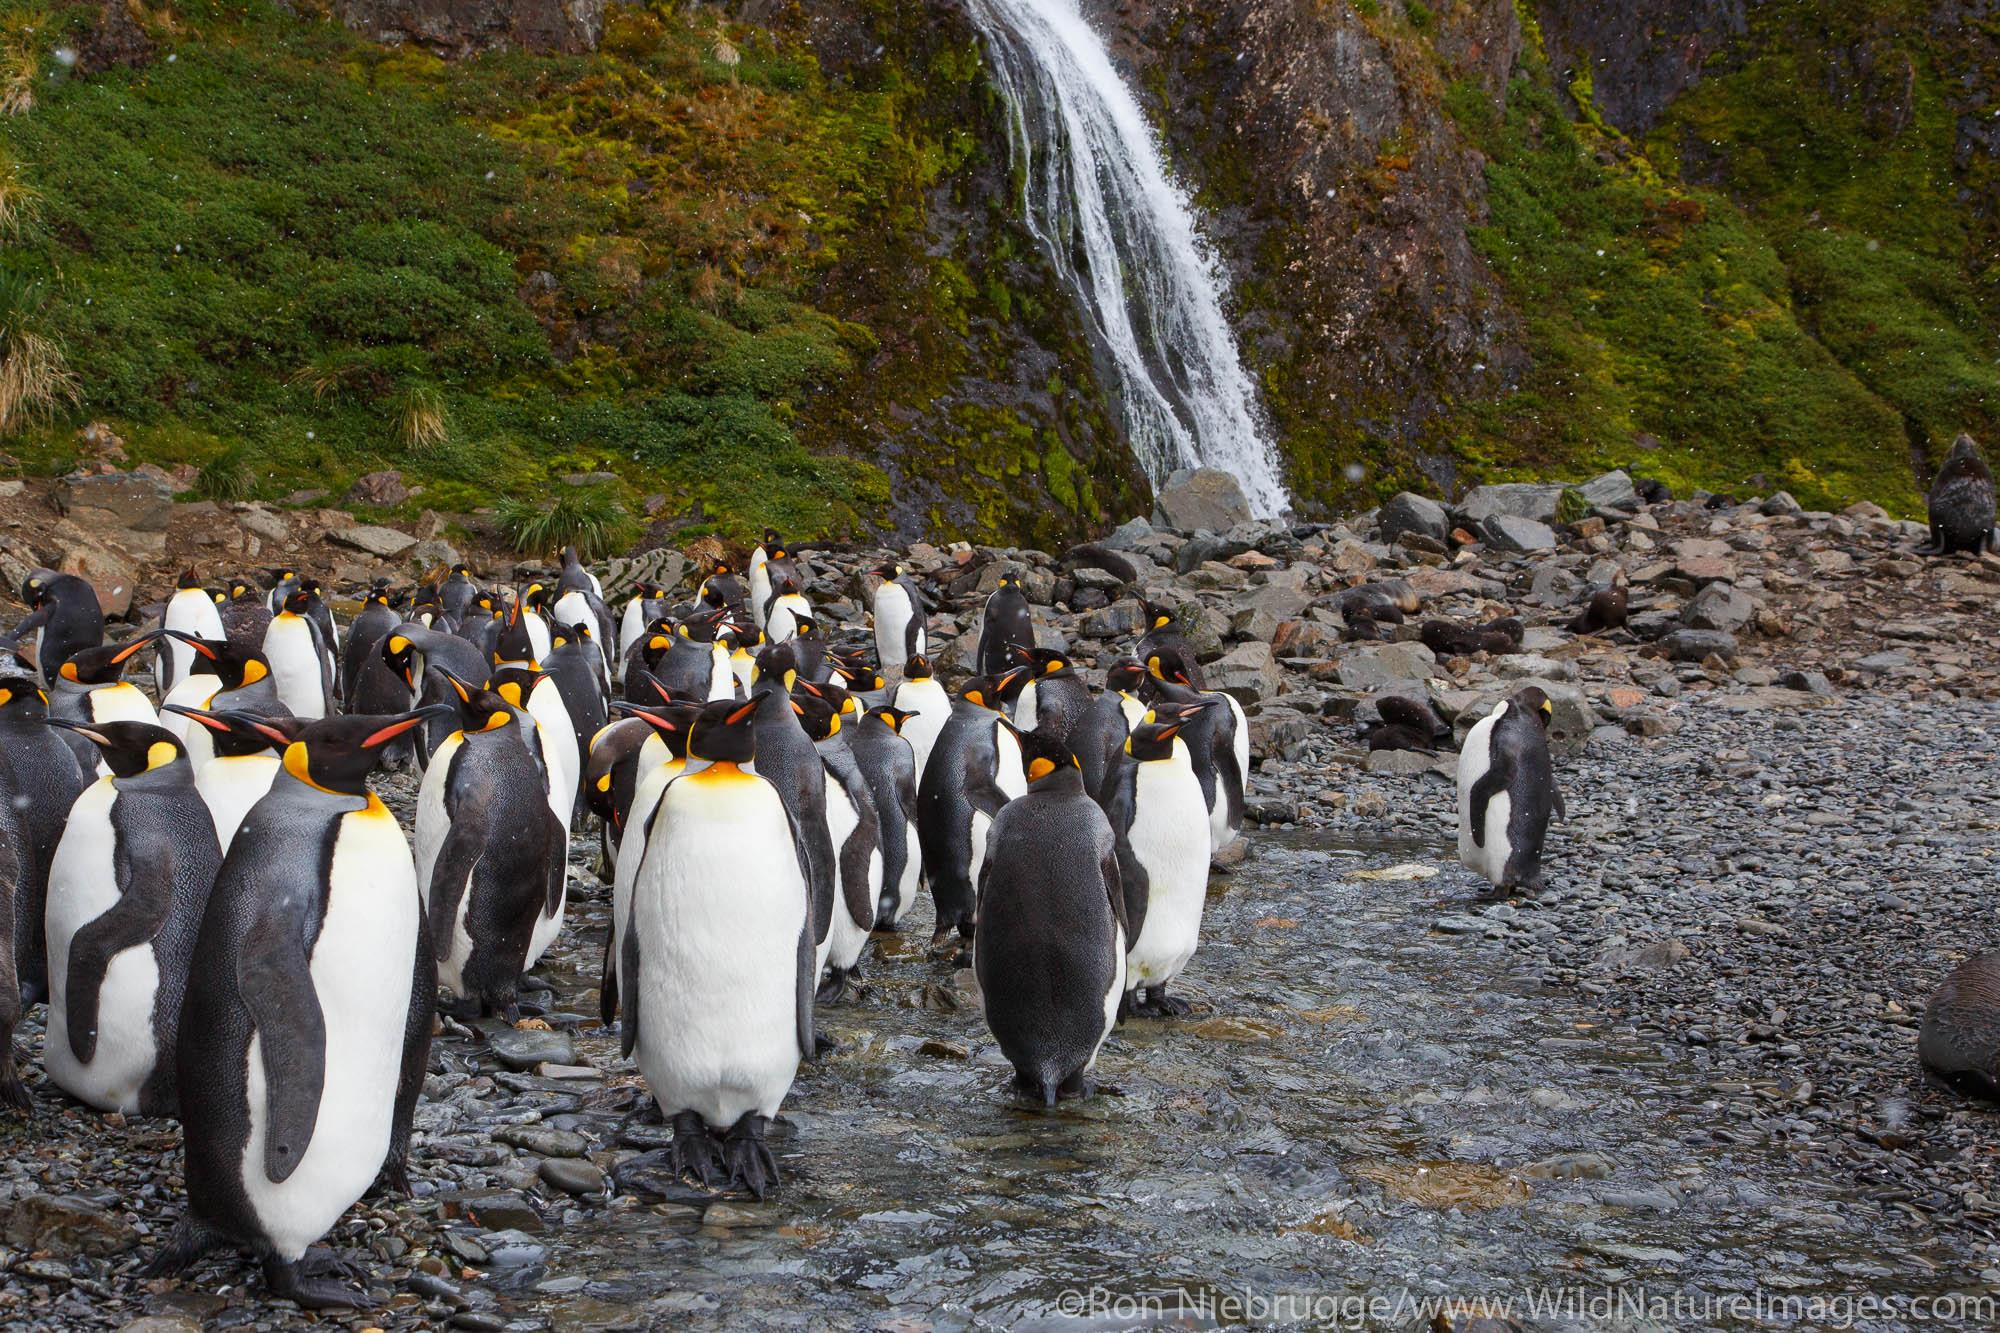 King penguins (Aptenodytes patagonicus), Hercules Bay, South Georgia, Antarctica.